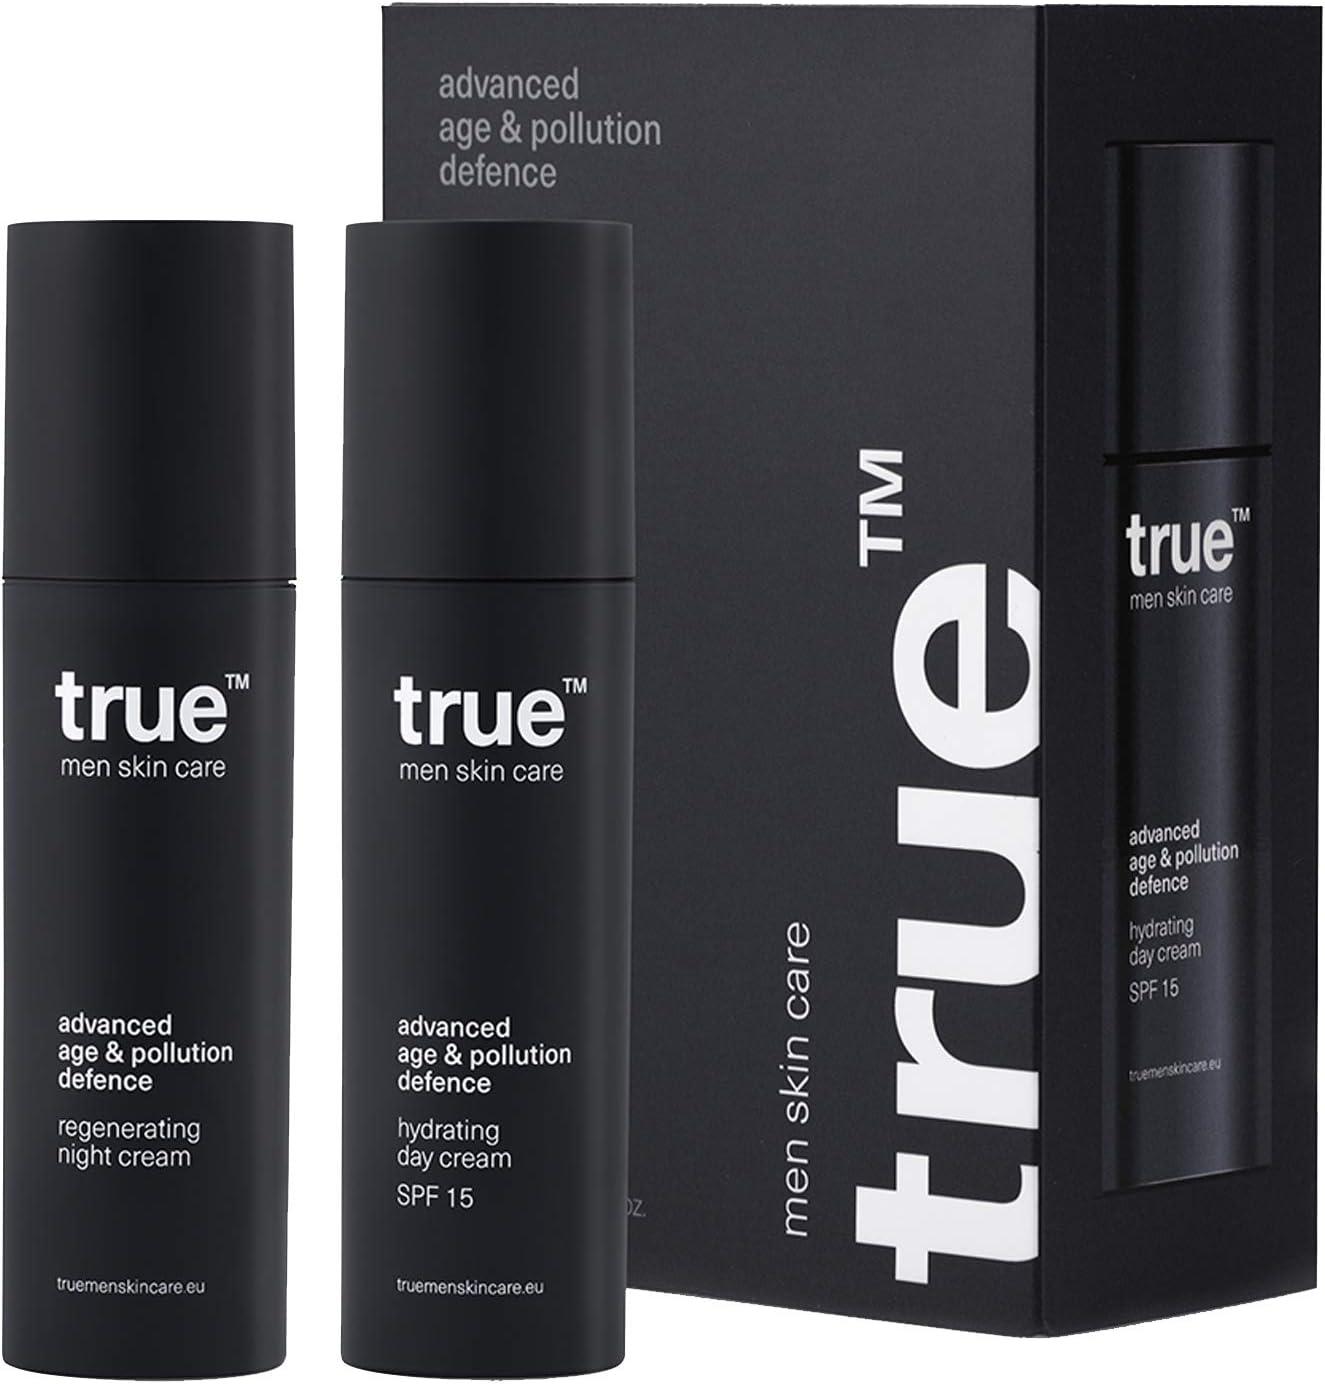 Crema Facial True Day&Night para Hombres Crema Hidratante (50 ml) + Crema de Noche Regeneradora (50 ml) Defensa contra Edad y Contaminación | 100% Vegano y Hecho en Europa